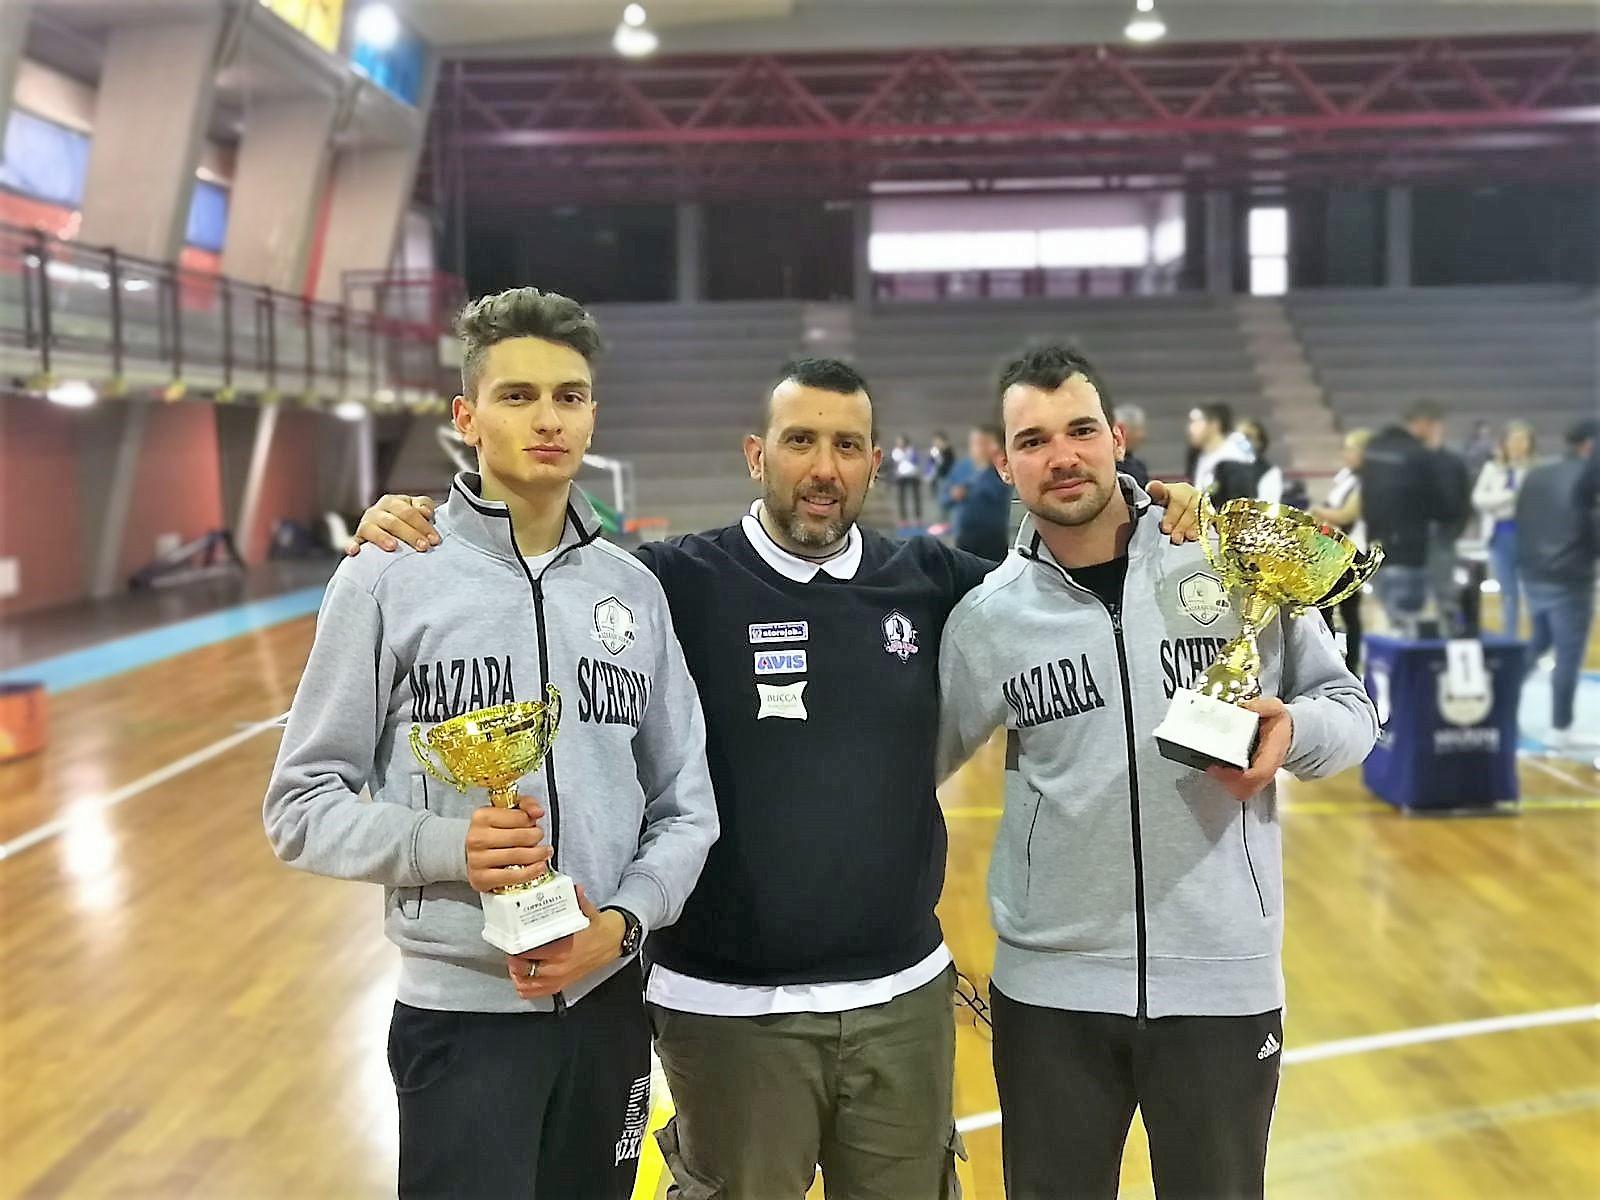 Mazara, Scherma, Coppa Italia qualificazione regione Sicilia. Mustacchia conquista la sua decima coppa Italia, bronzo per Tranchida